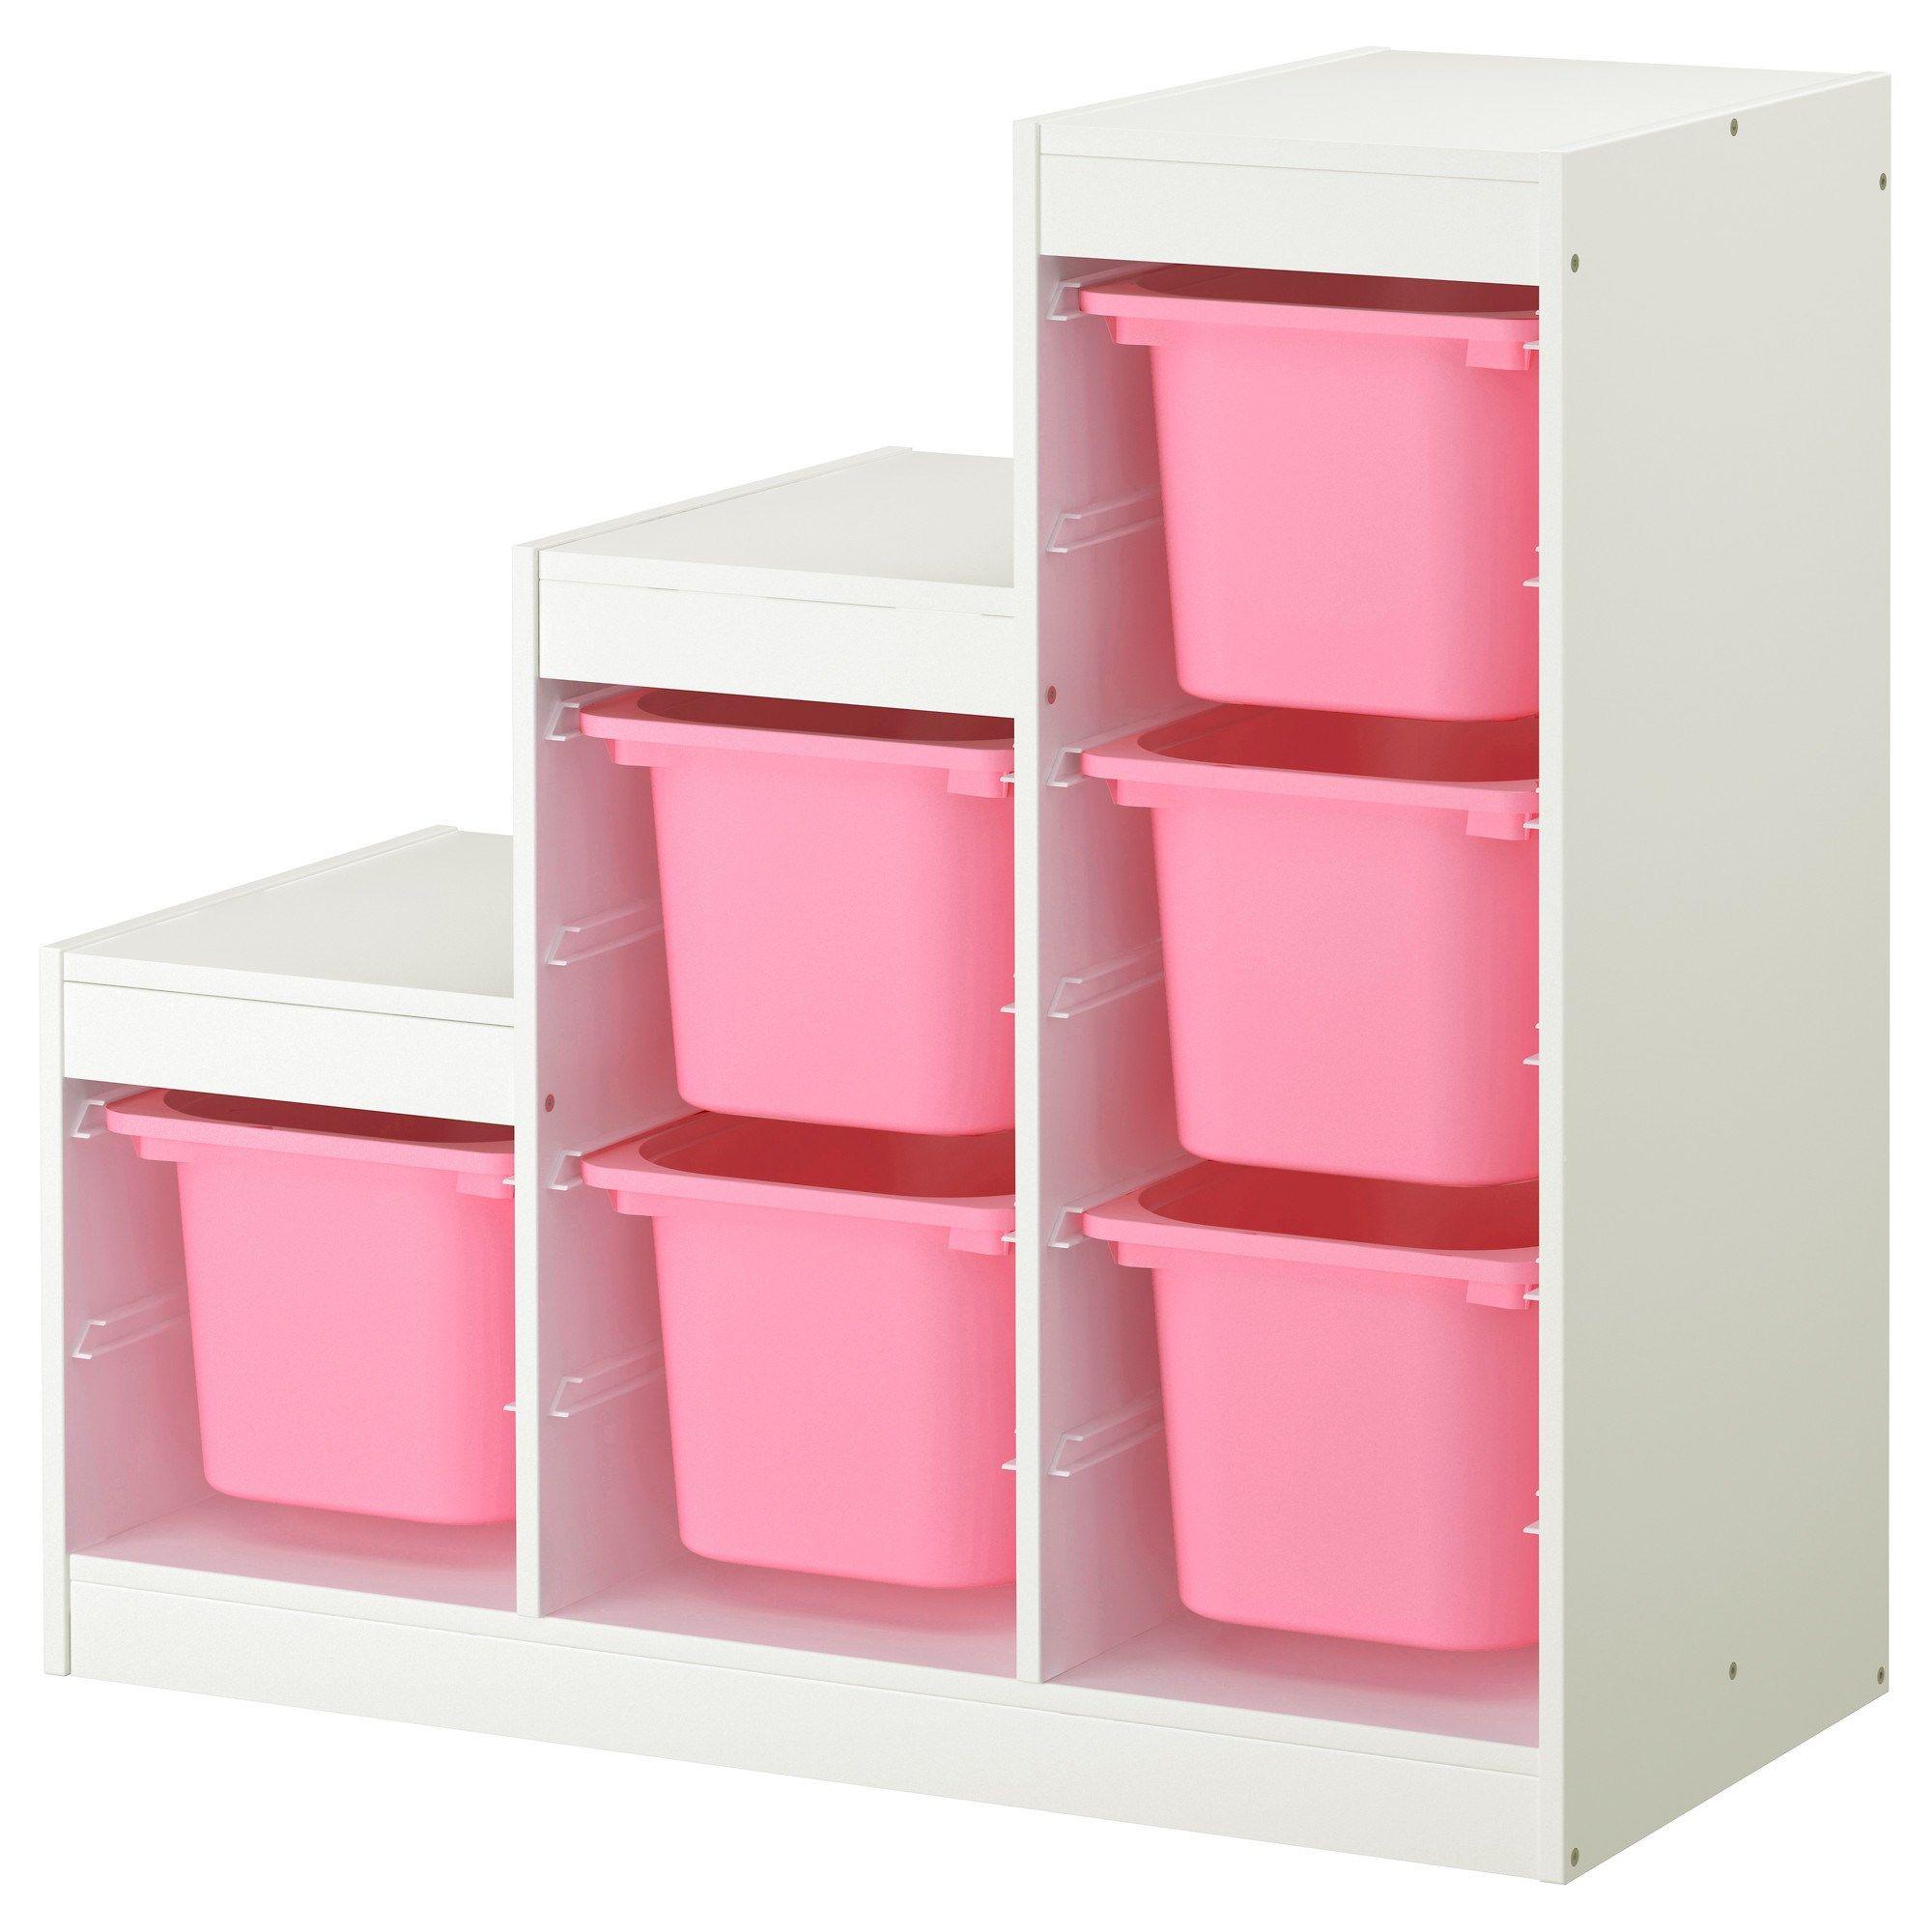 Ikea kinderzimmer trofast  TROFAST saklama ünitesi beyaz-pembe 100x44x94 cm | IKEA IKEA Çocuk ...